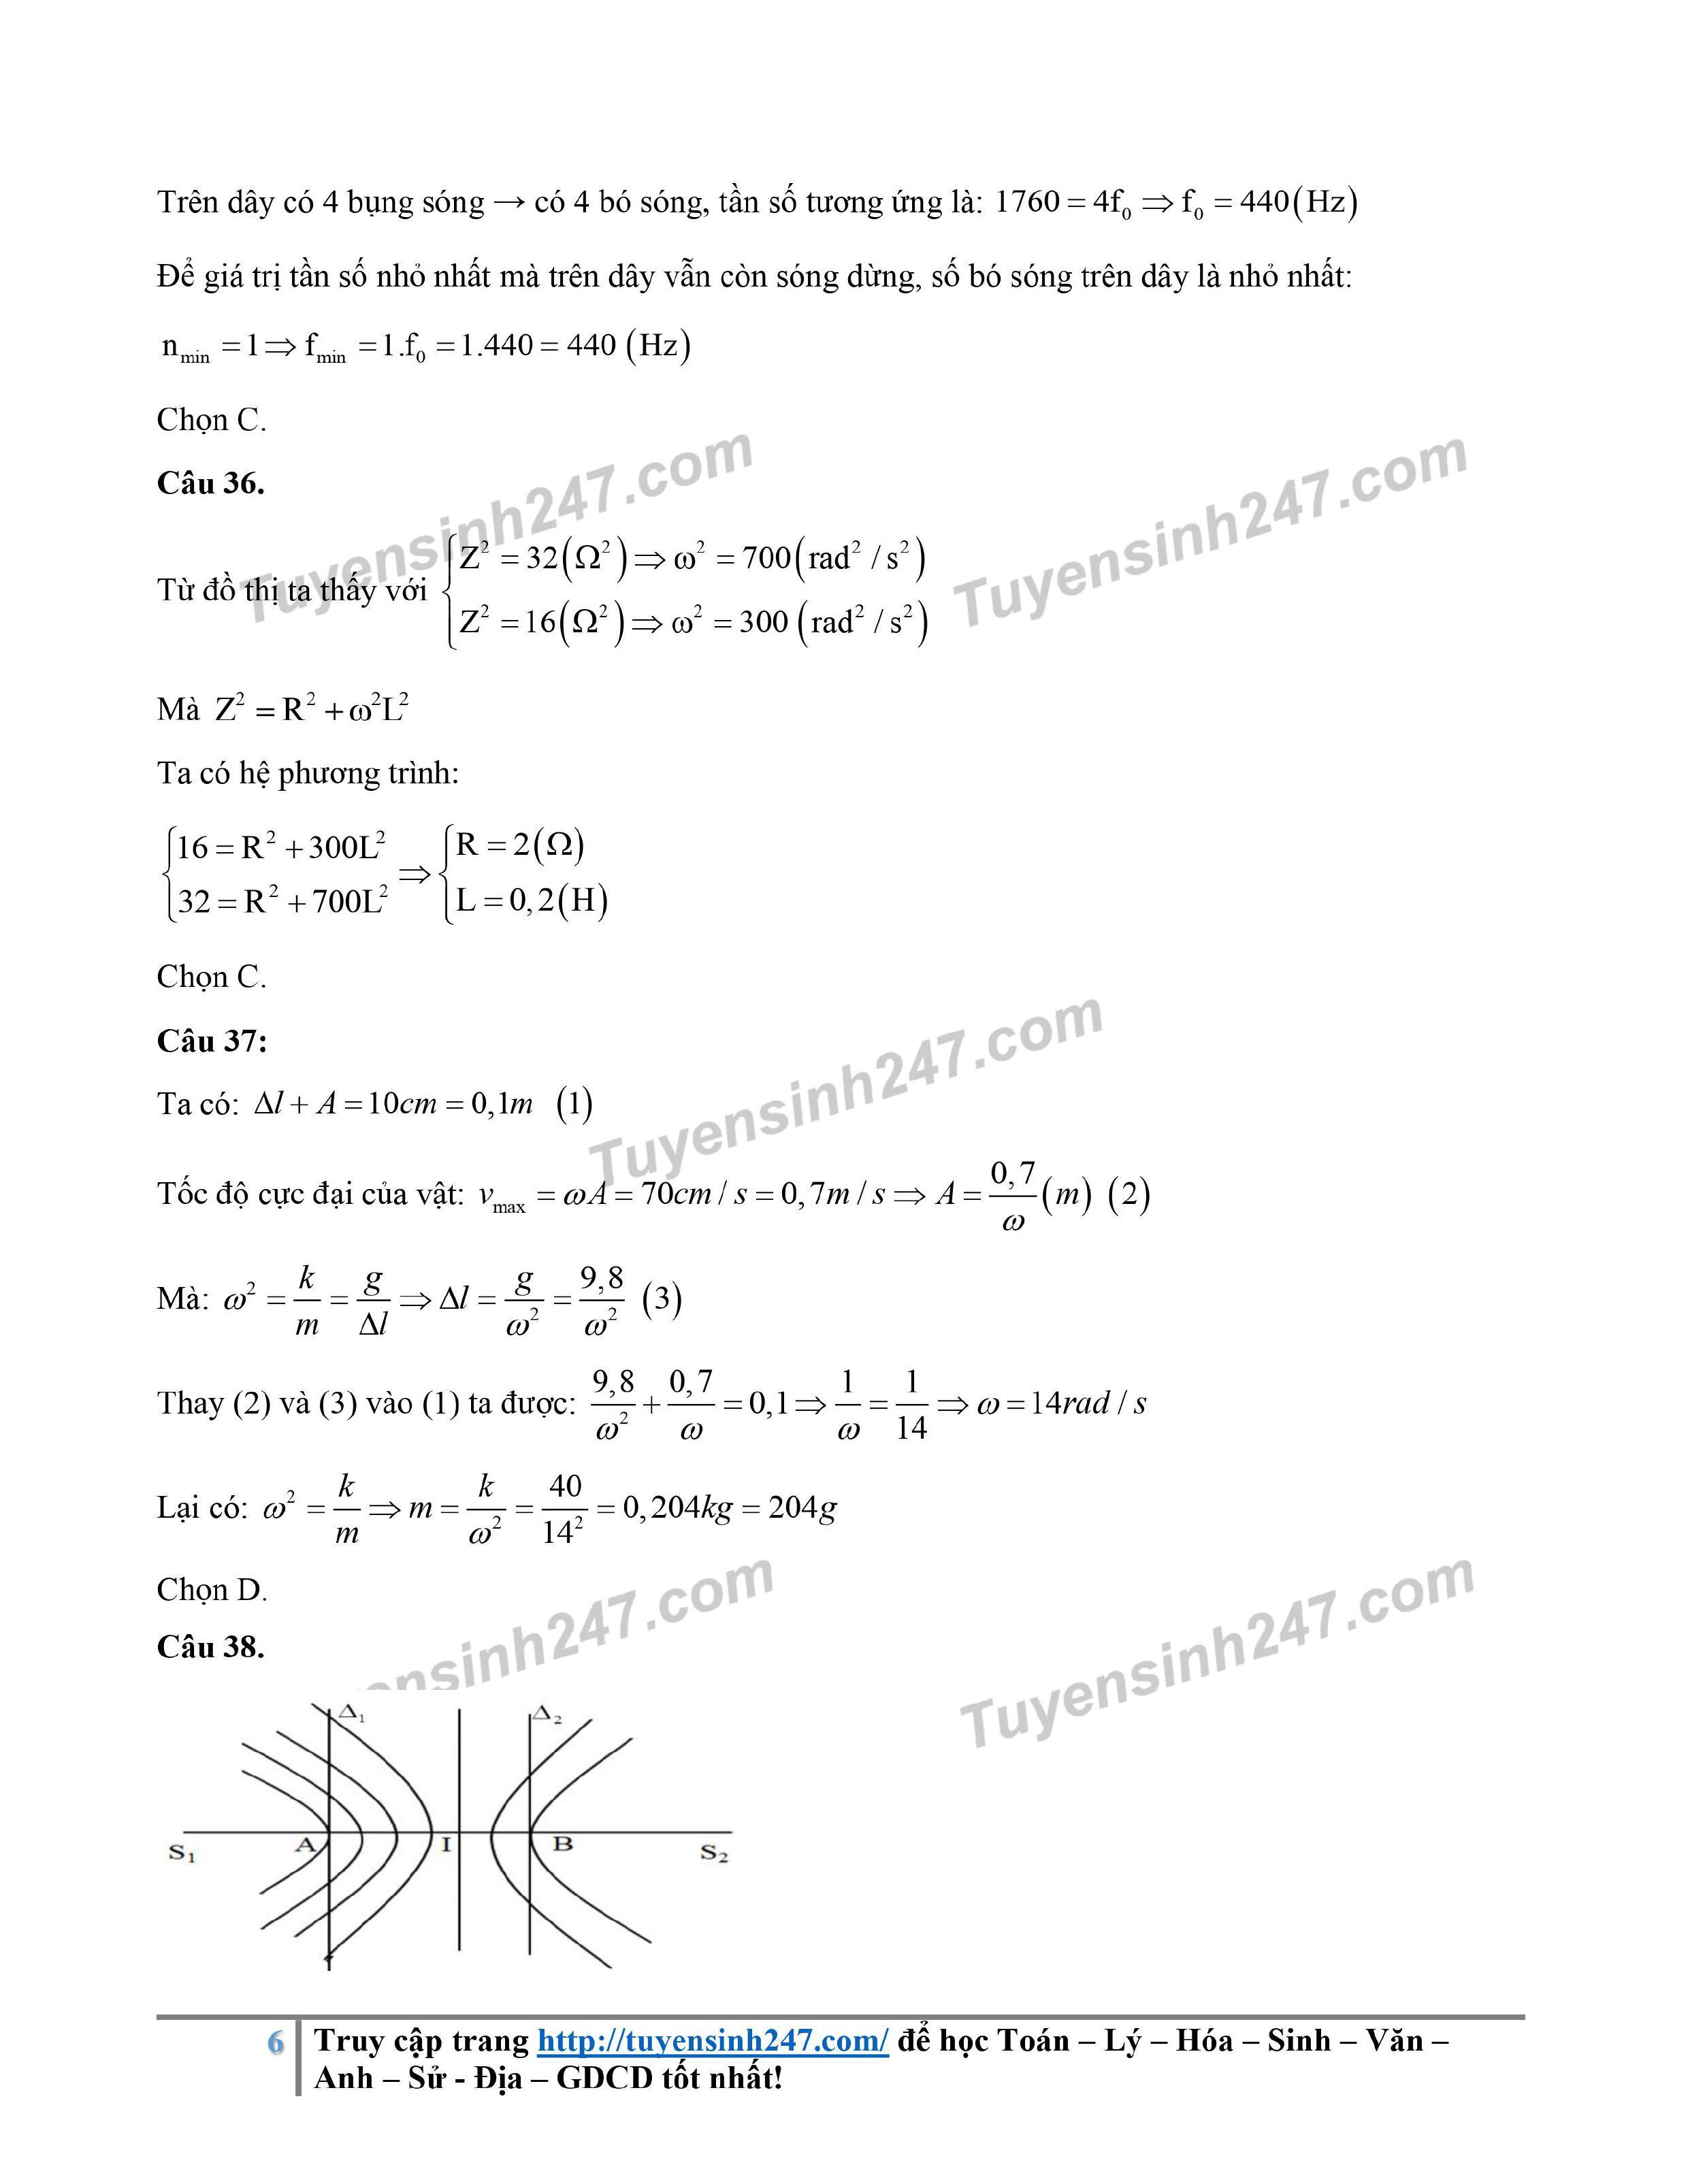 Đáp án gợi ý đề thi môn Vật lý kỳ thi tốt nghiệp THPT 2020 - Ảnh 6